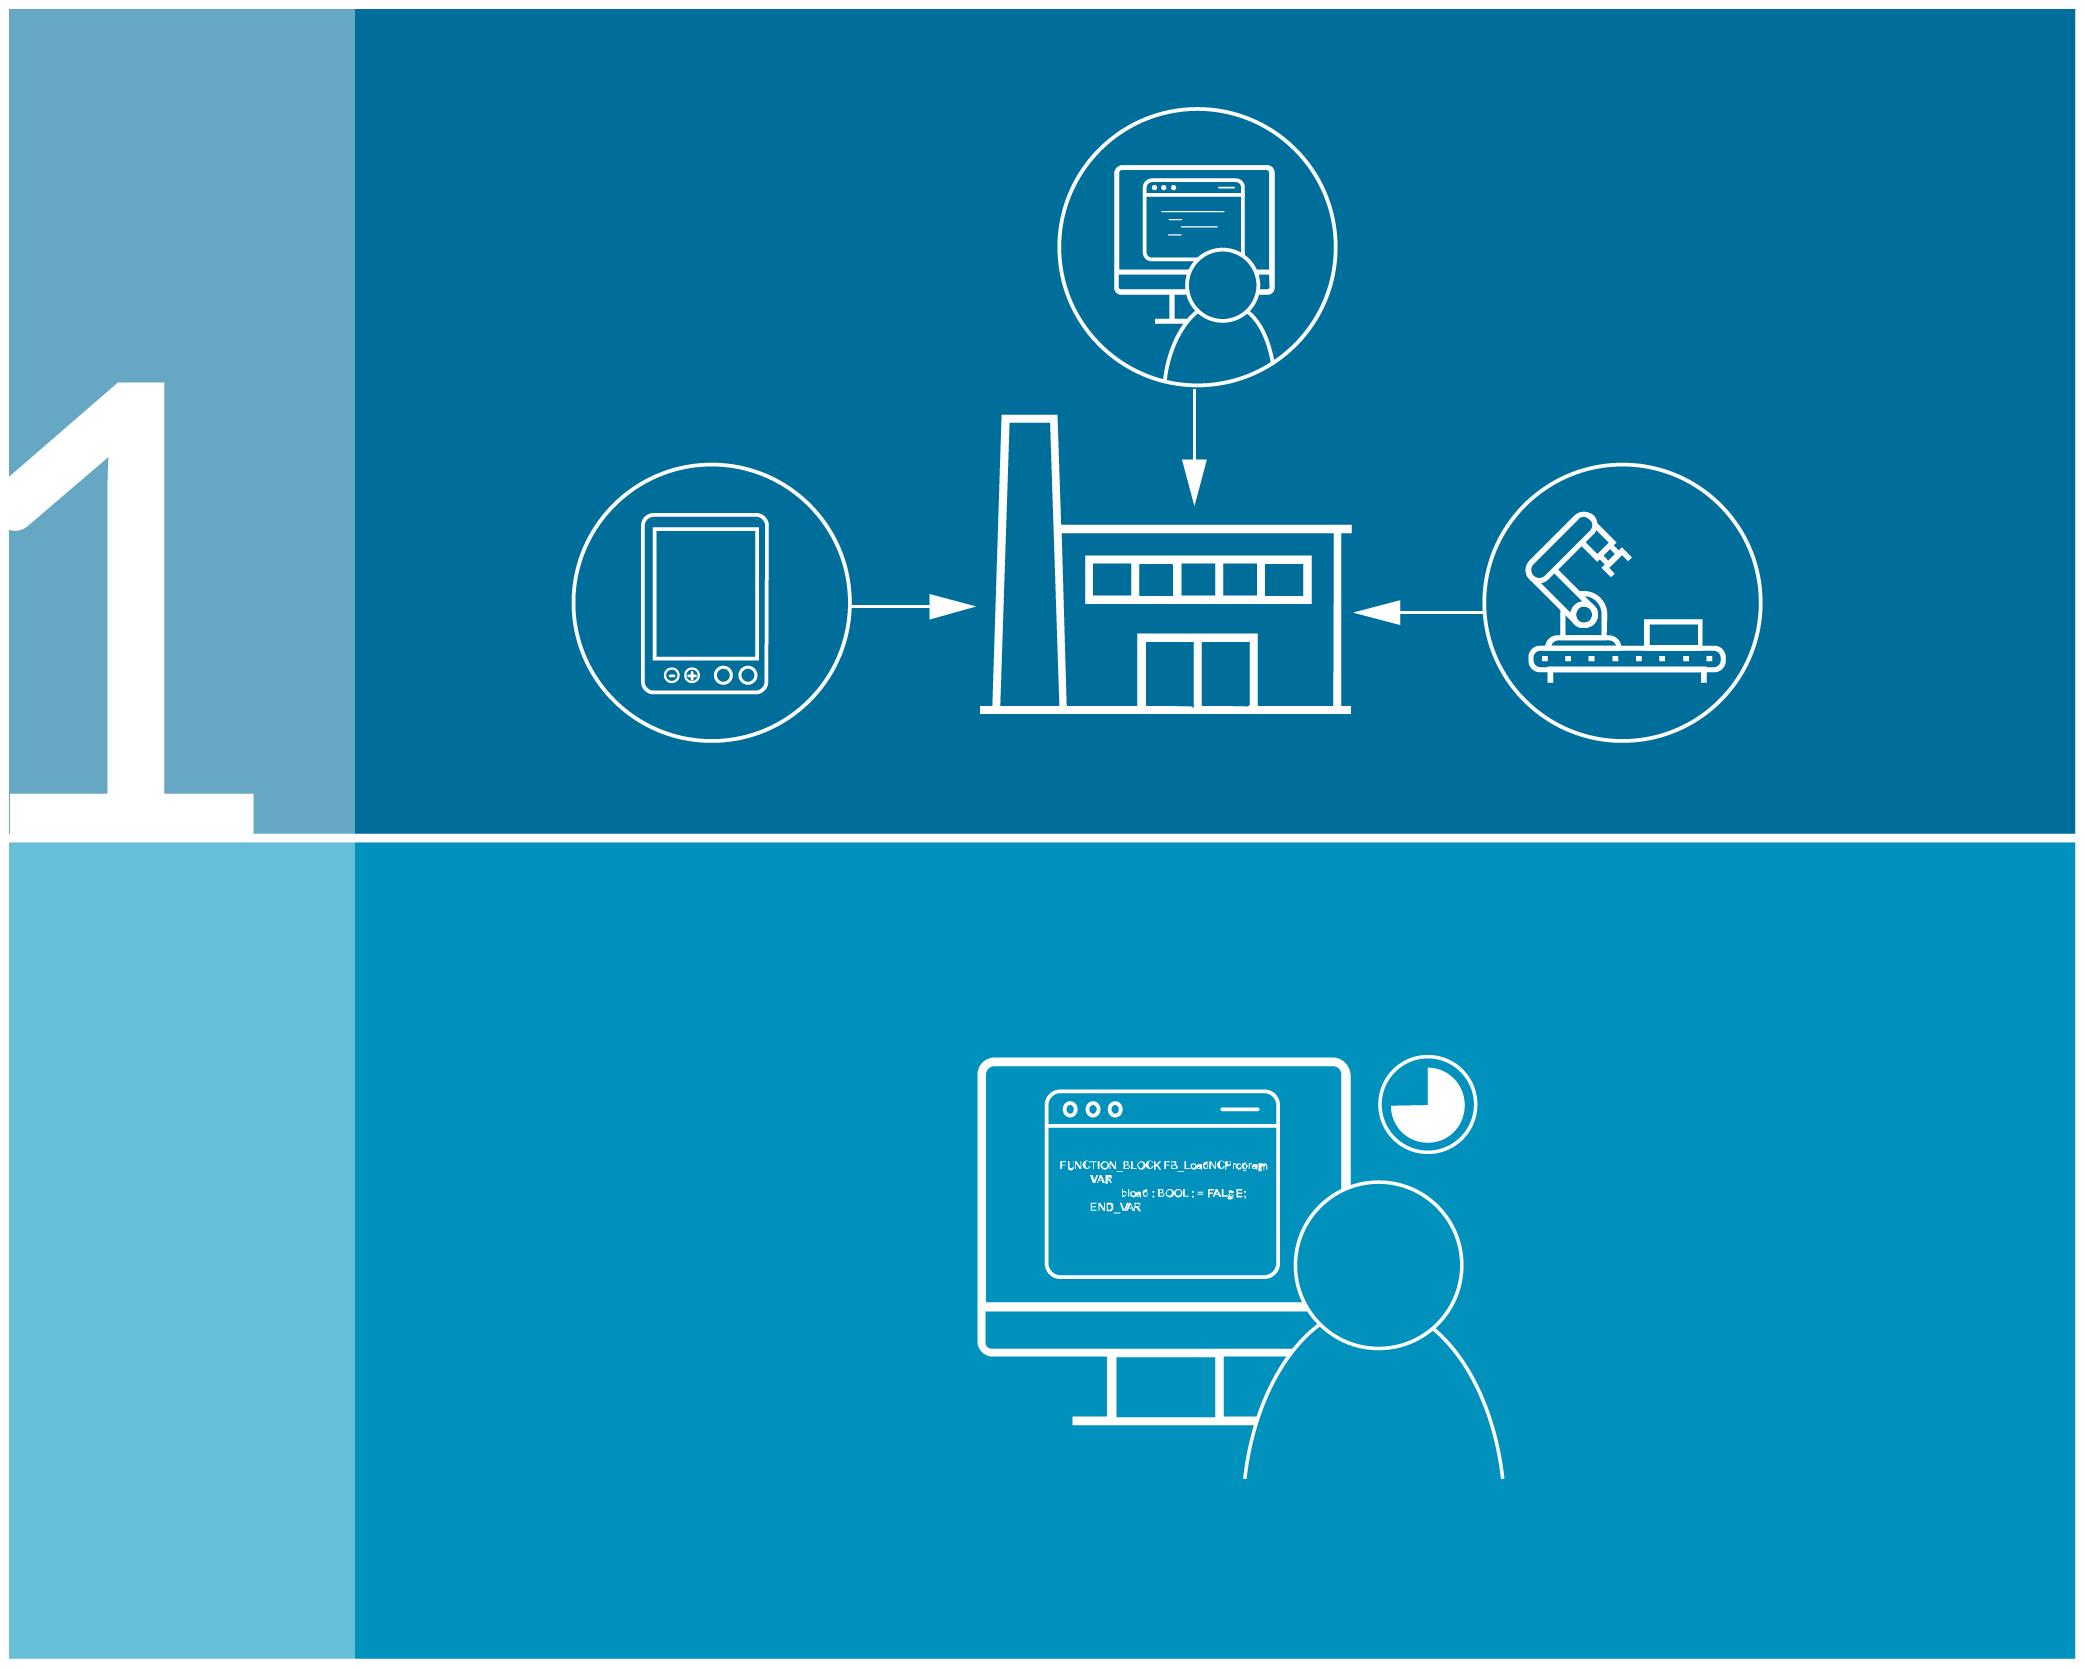 Grafik zeigt Ablauf einer klassischen Inbetriebnahme